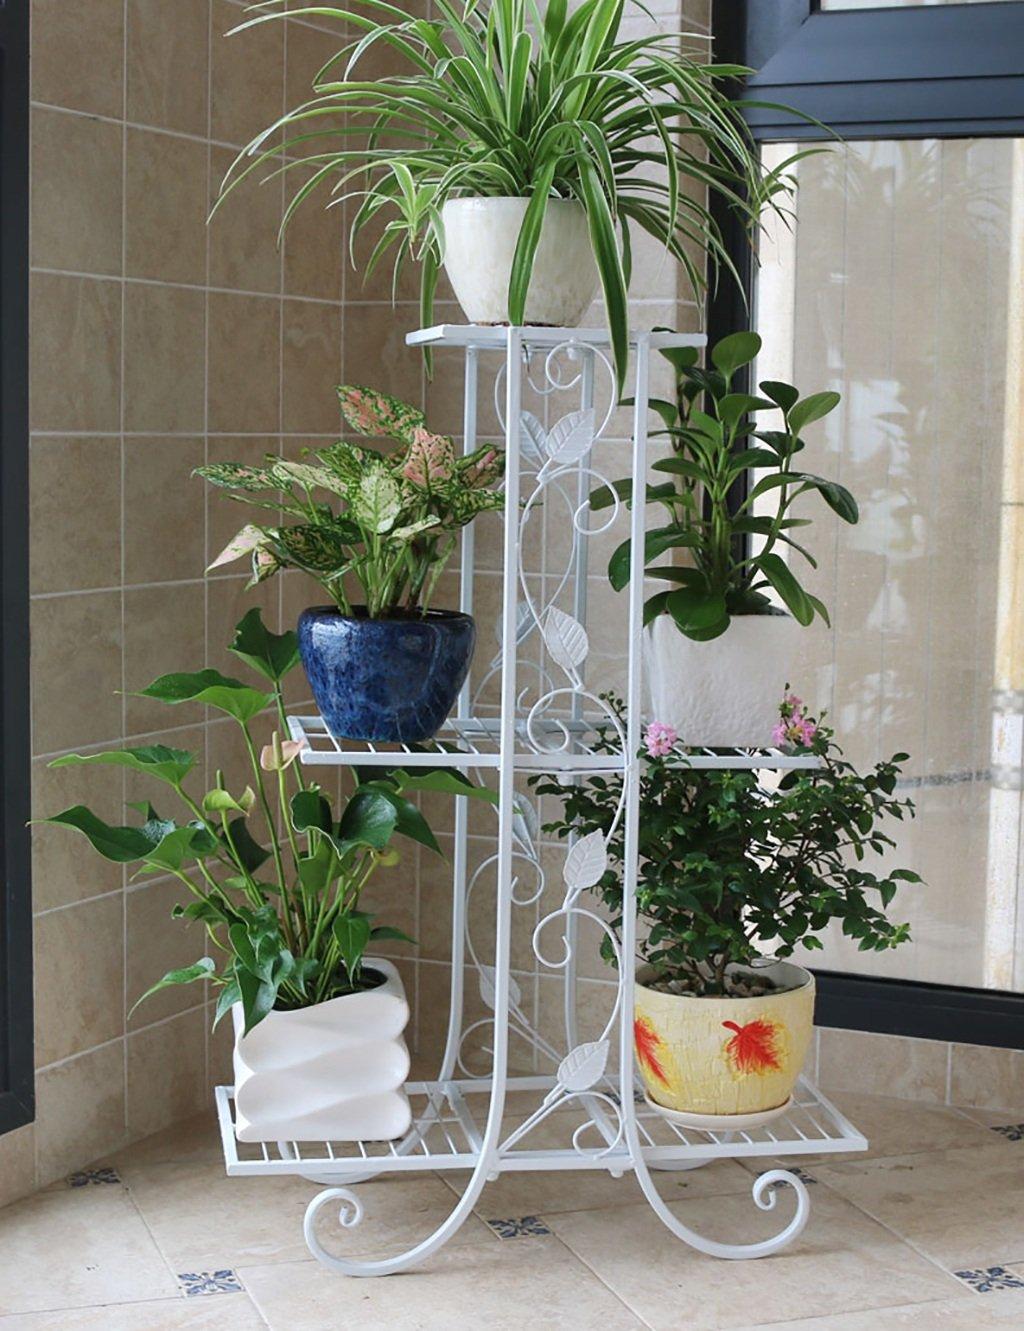 LB huajia ZHANWEI Europäischen Stil Blume Racks Balkon Eisen DREI-Schicht-Anlage Blumentöpfe Wohnzimmer Blumenregal (Farbe : C)